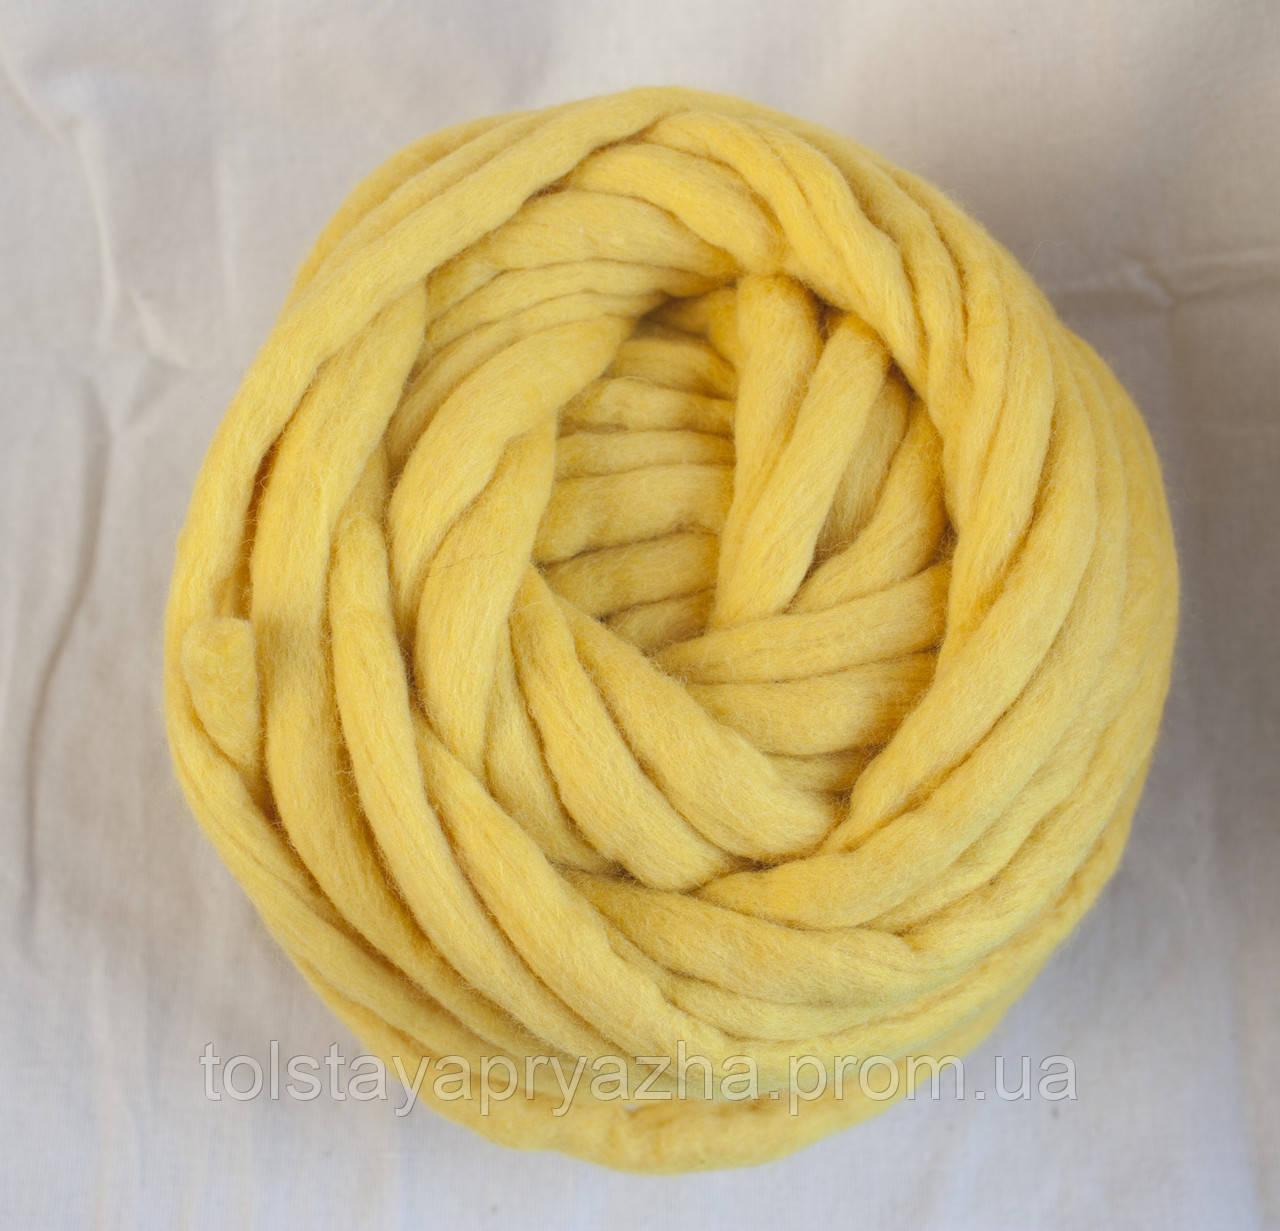 Товста пряжа ручного прядіння Elina Tolina 100% вовна (оброблена)